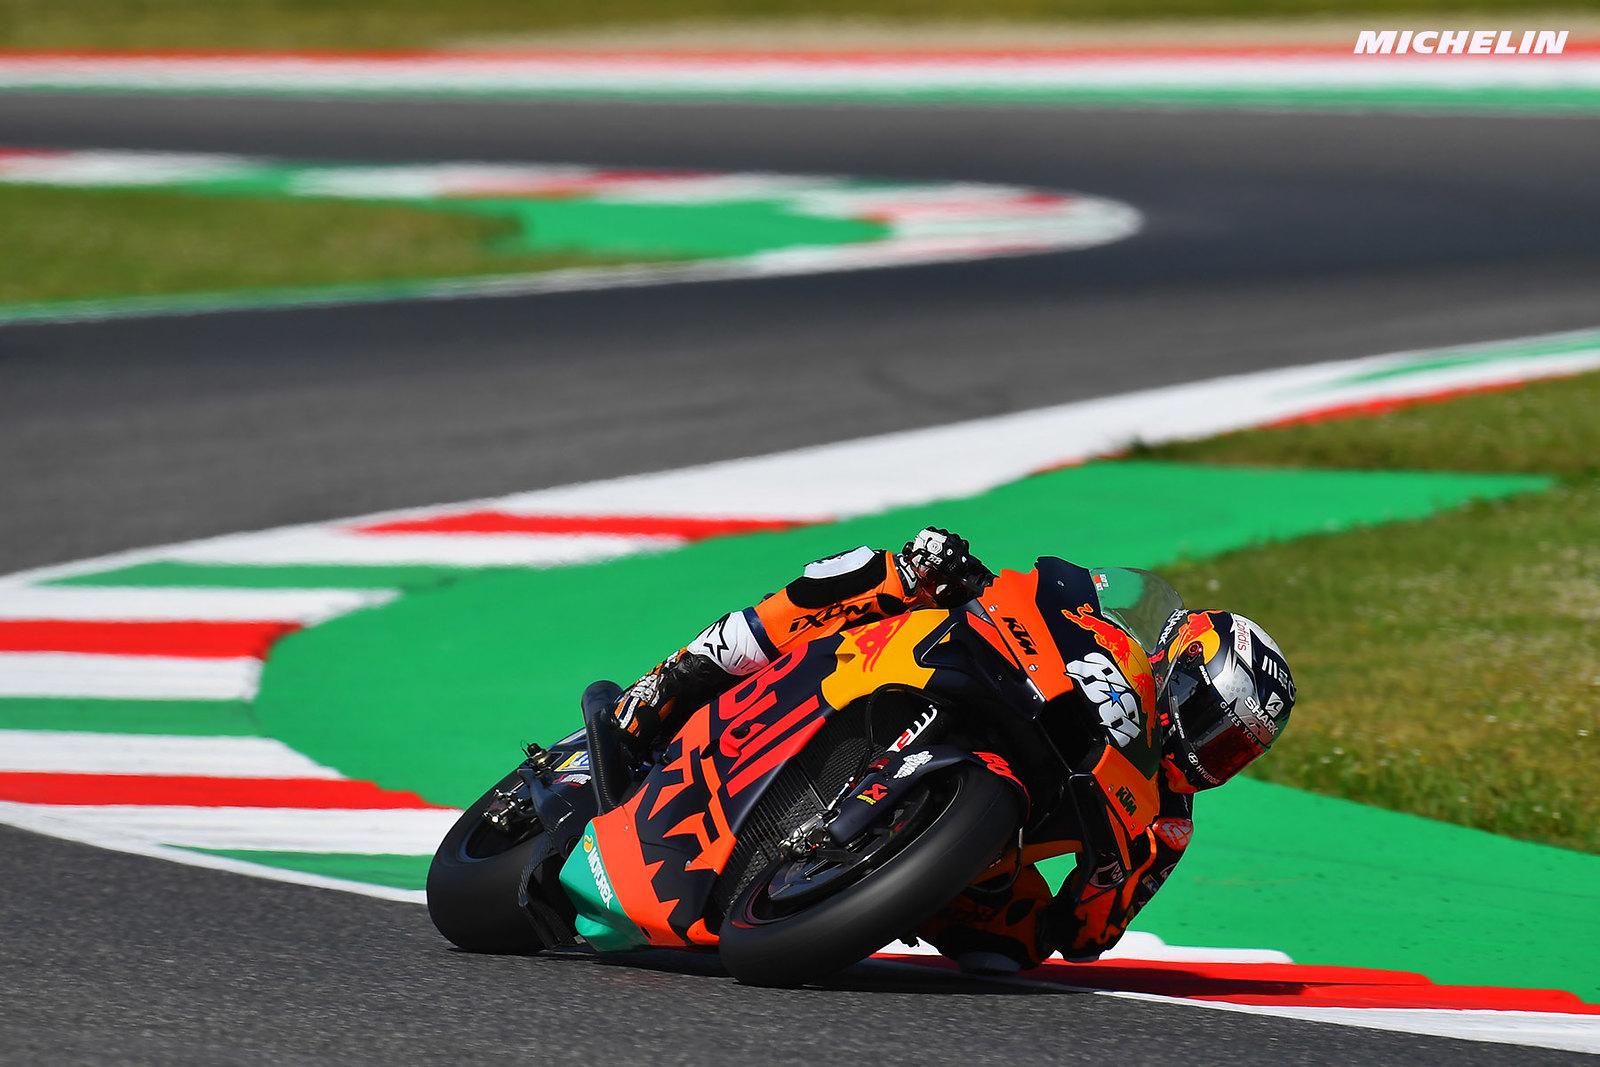 MotoGP2021イタリアGP 7位ミゲル・オリヴェイラ「あと少しで1列目スタートだった」